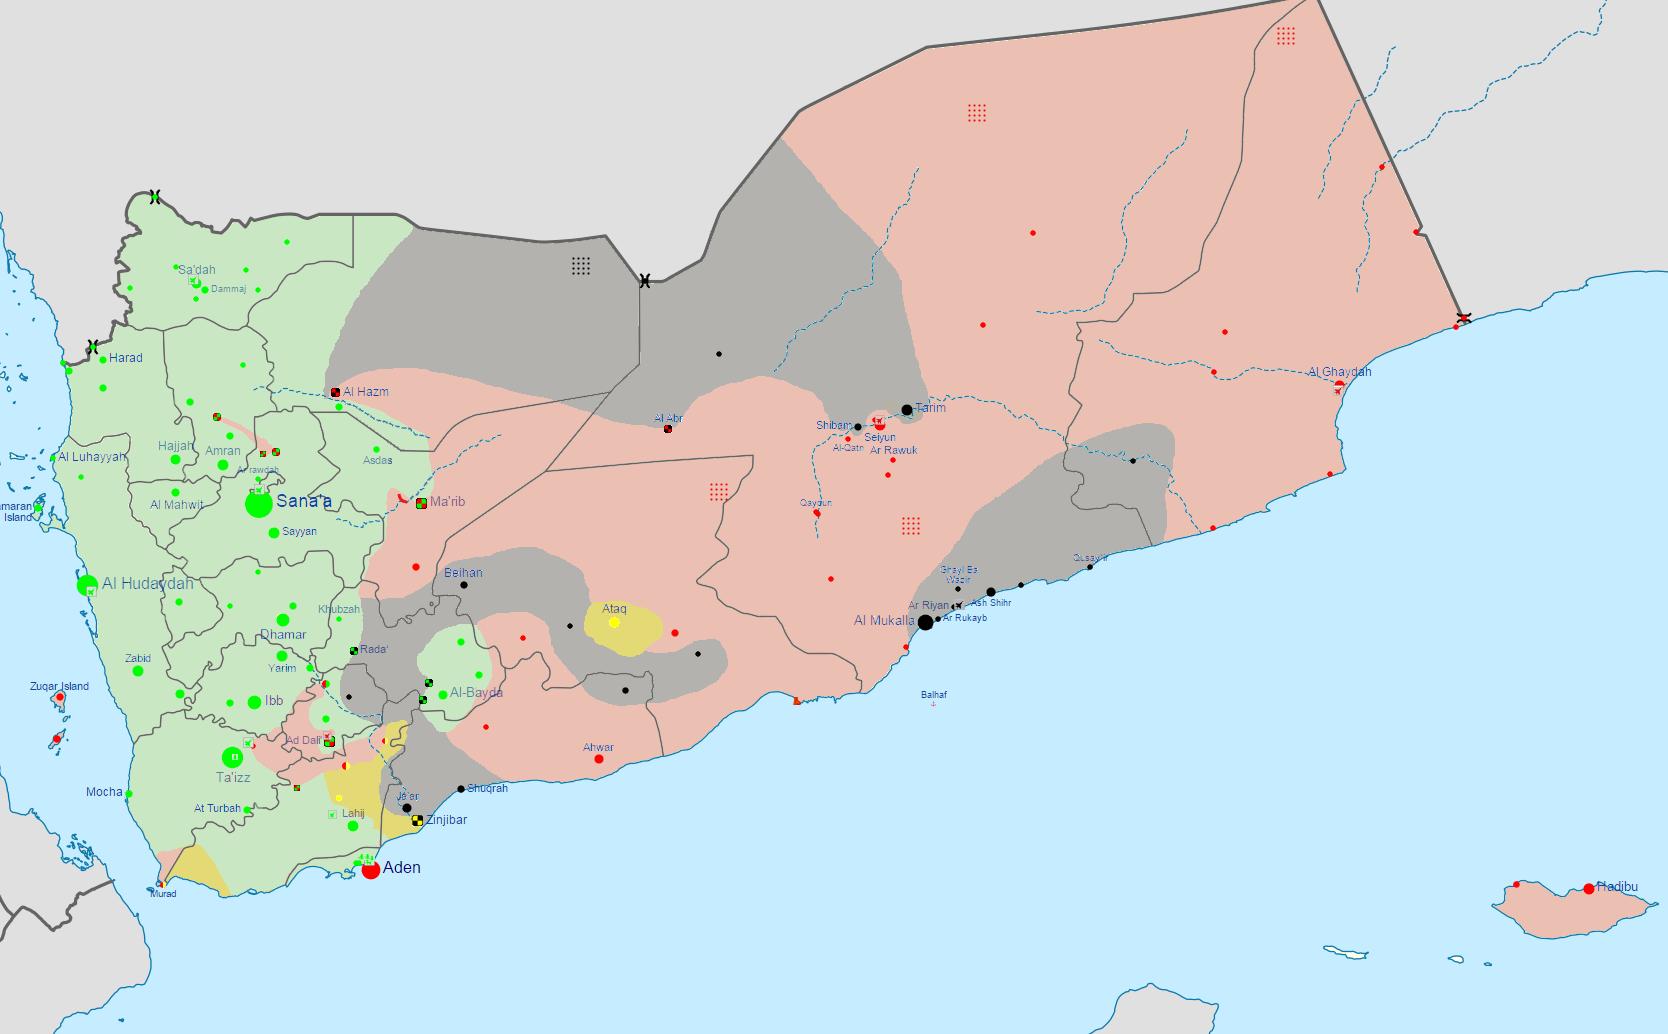 20150326184041!Yemen_war_detailed_map.pn